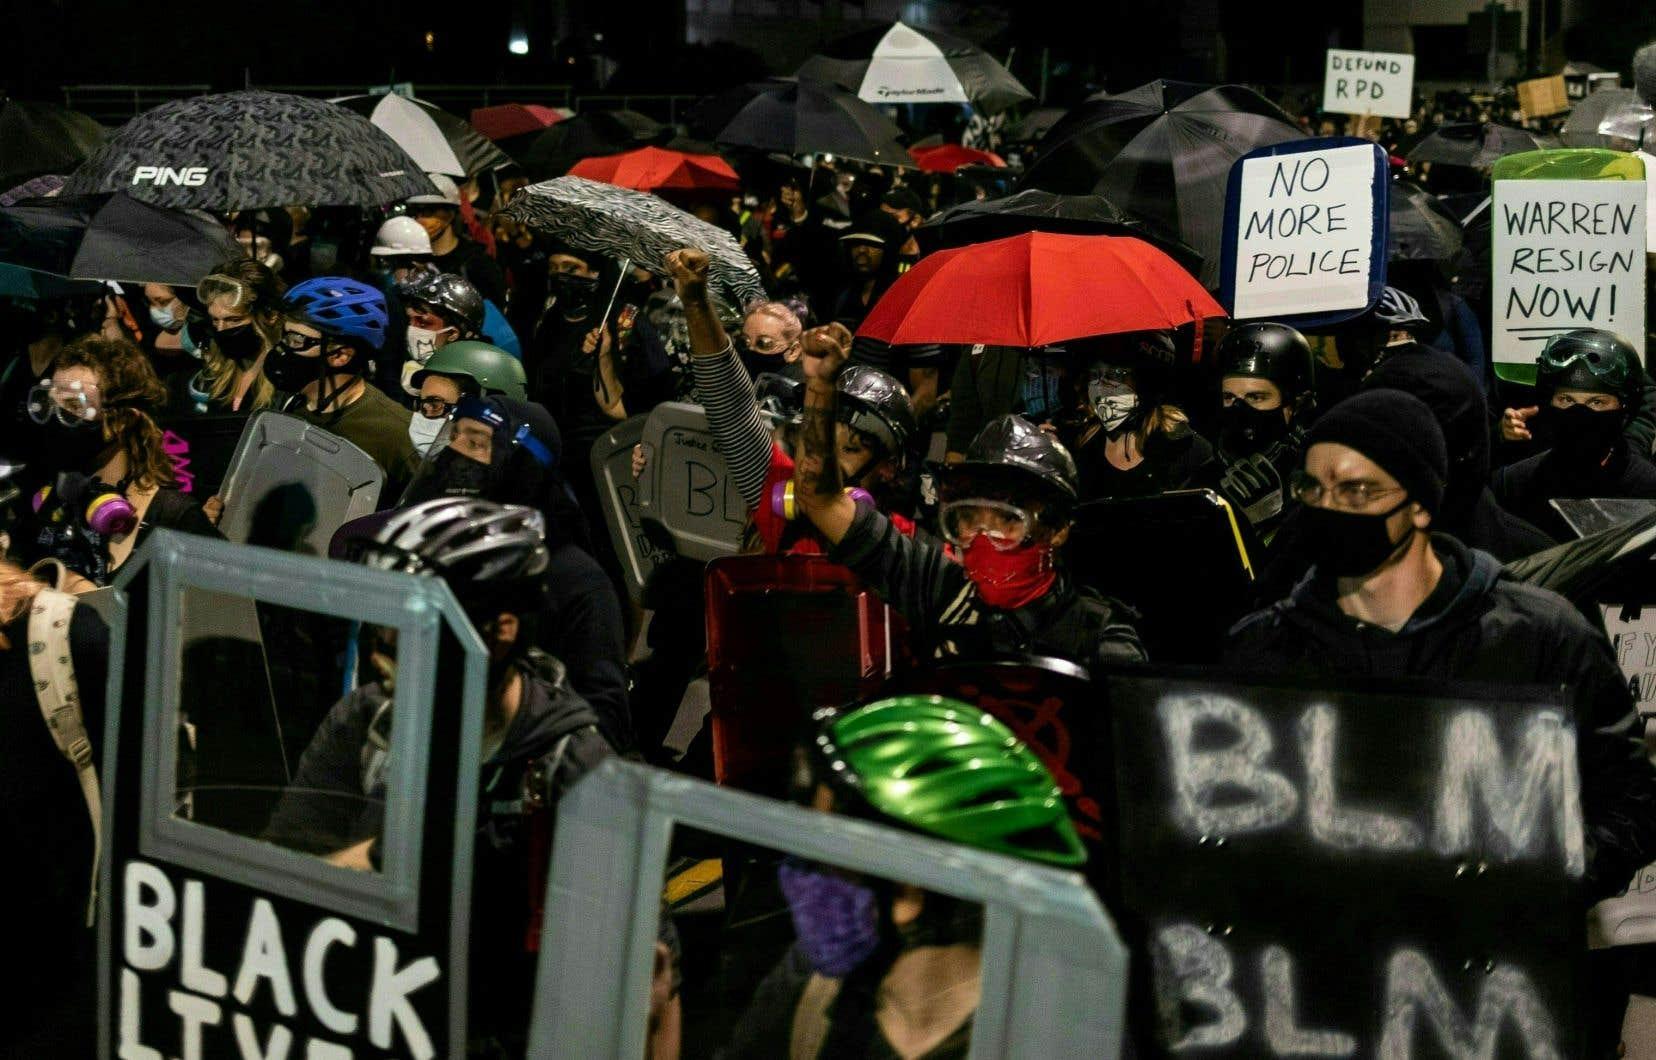 Le décès de Daniel Prude fait écho à ceux de George Floyd ou Breonna Taylor, noirs eux aussi, lors d'interpellations violentes, qui ont suscité des centaines de manifestations aux États-Unis depuis le mois de mai.